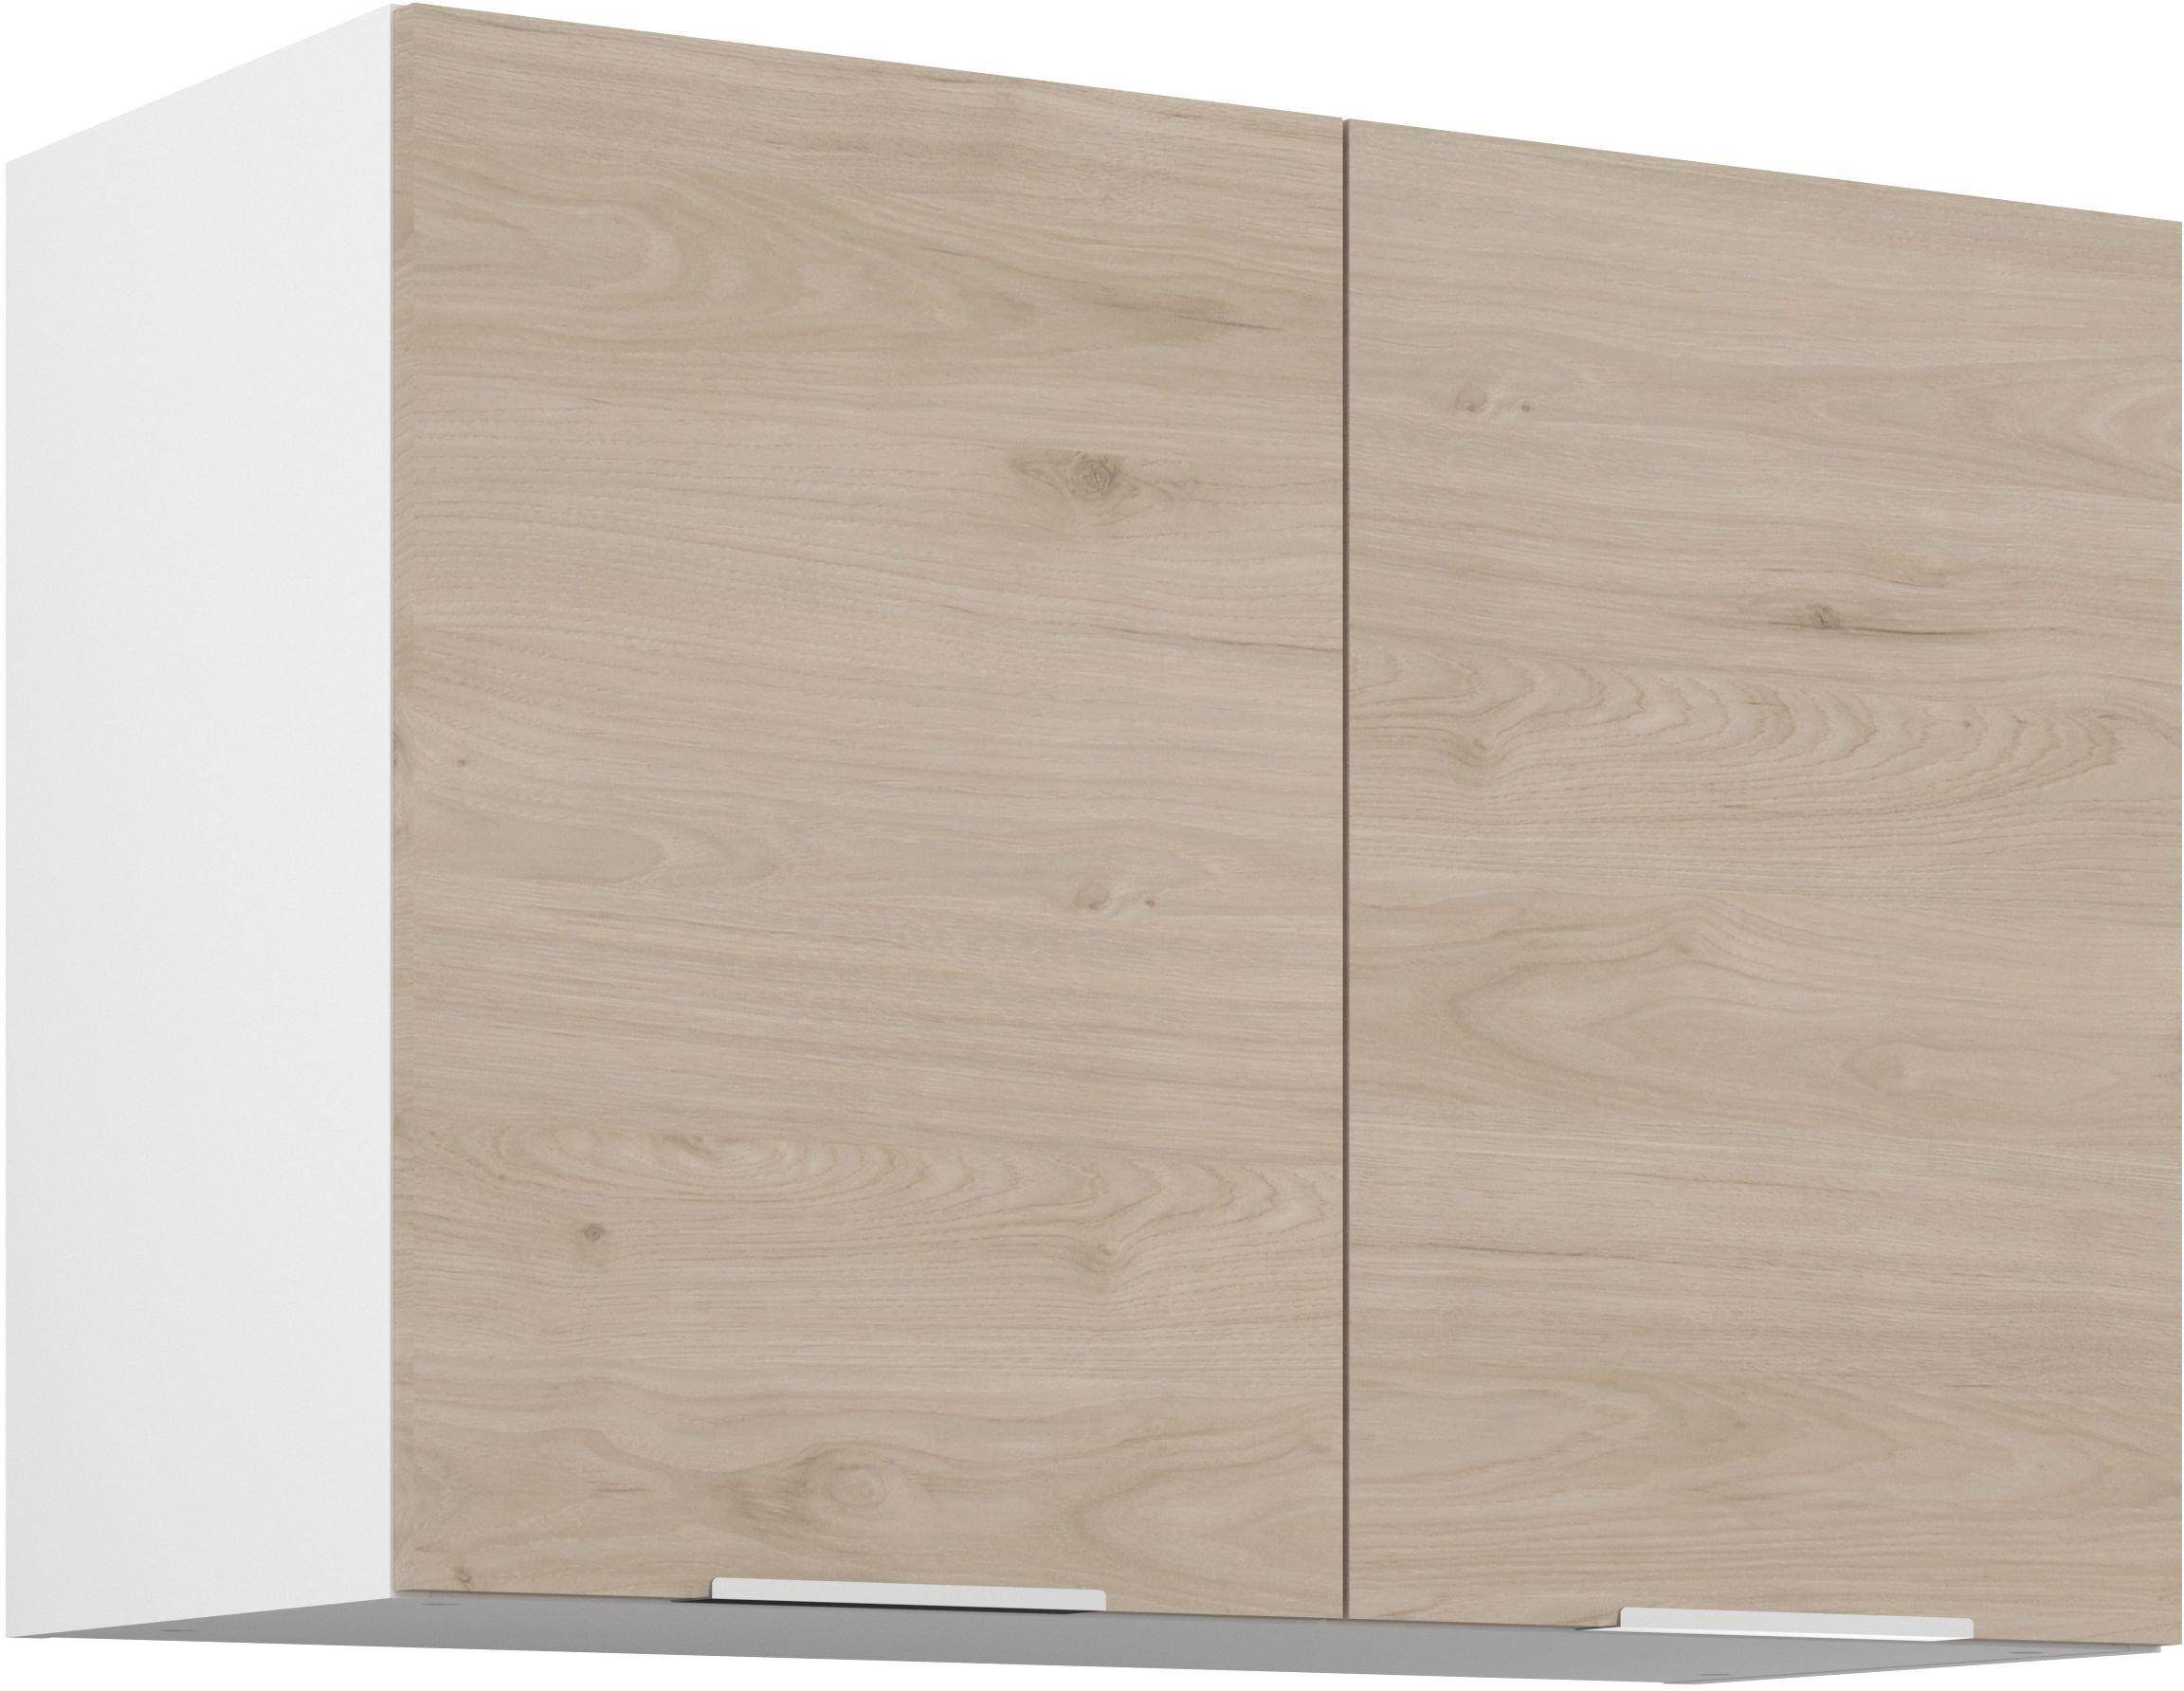 Κρεμαστό ντουλάπι Solana 80